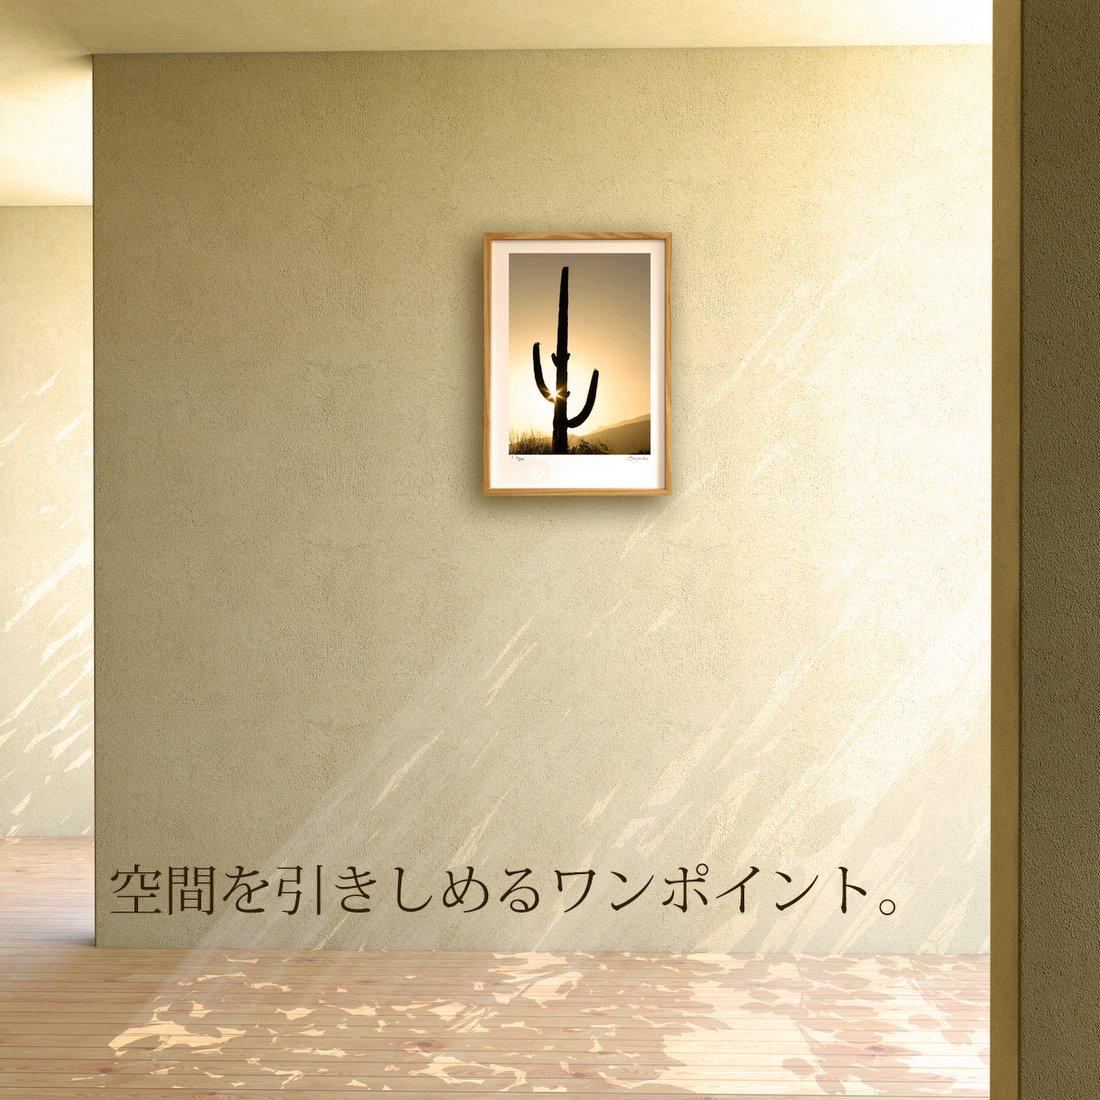 【版画 絵画】ボーリングボールビーチ1(スミコ スコット)/インテリア 壁掛け 額入り アート アートパネル アートフレーム